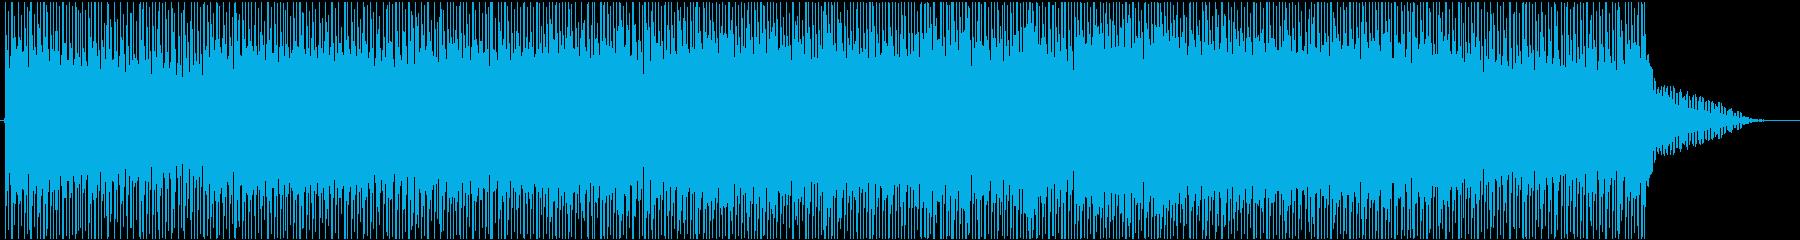 実験的な岩 バックシェイク インデ...の再生済みの波形